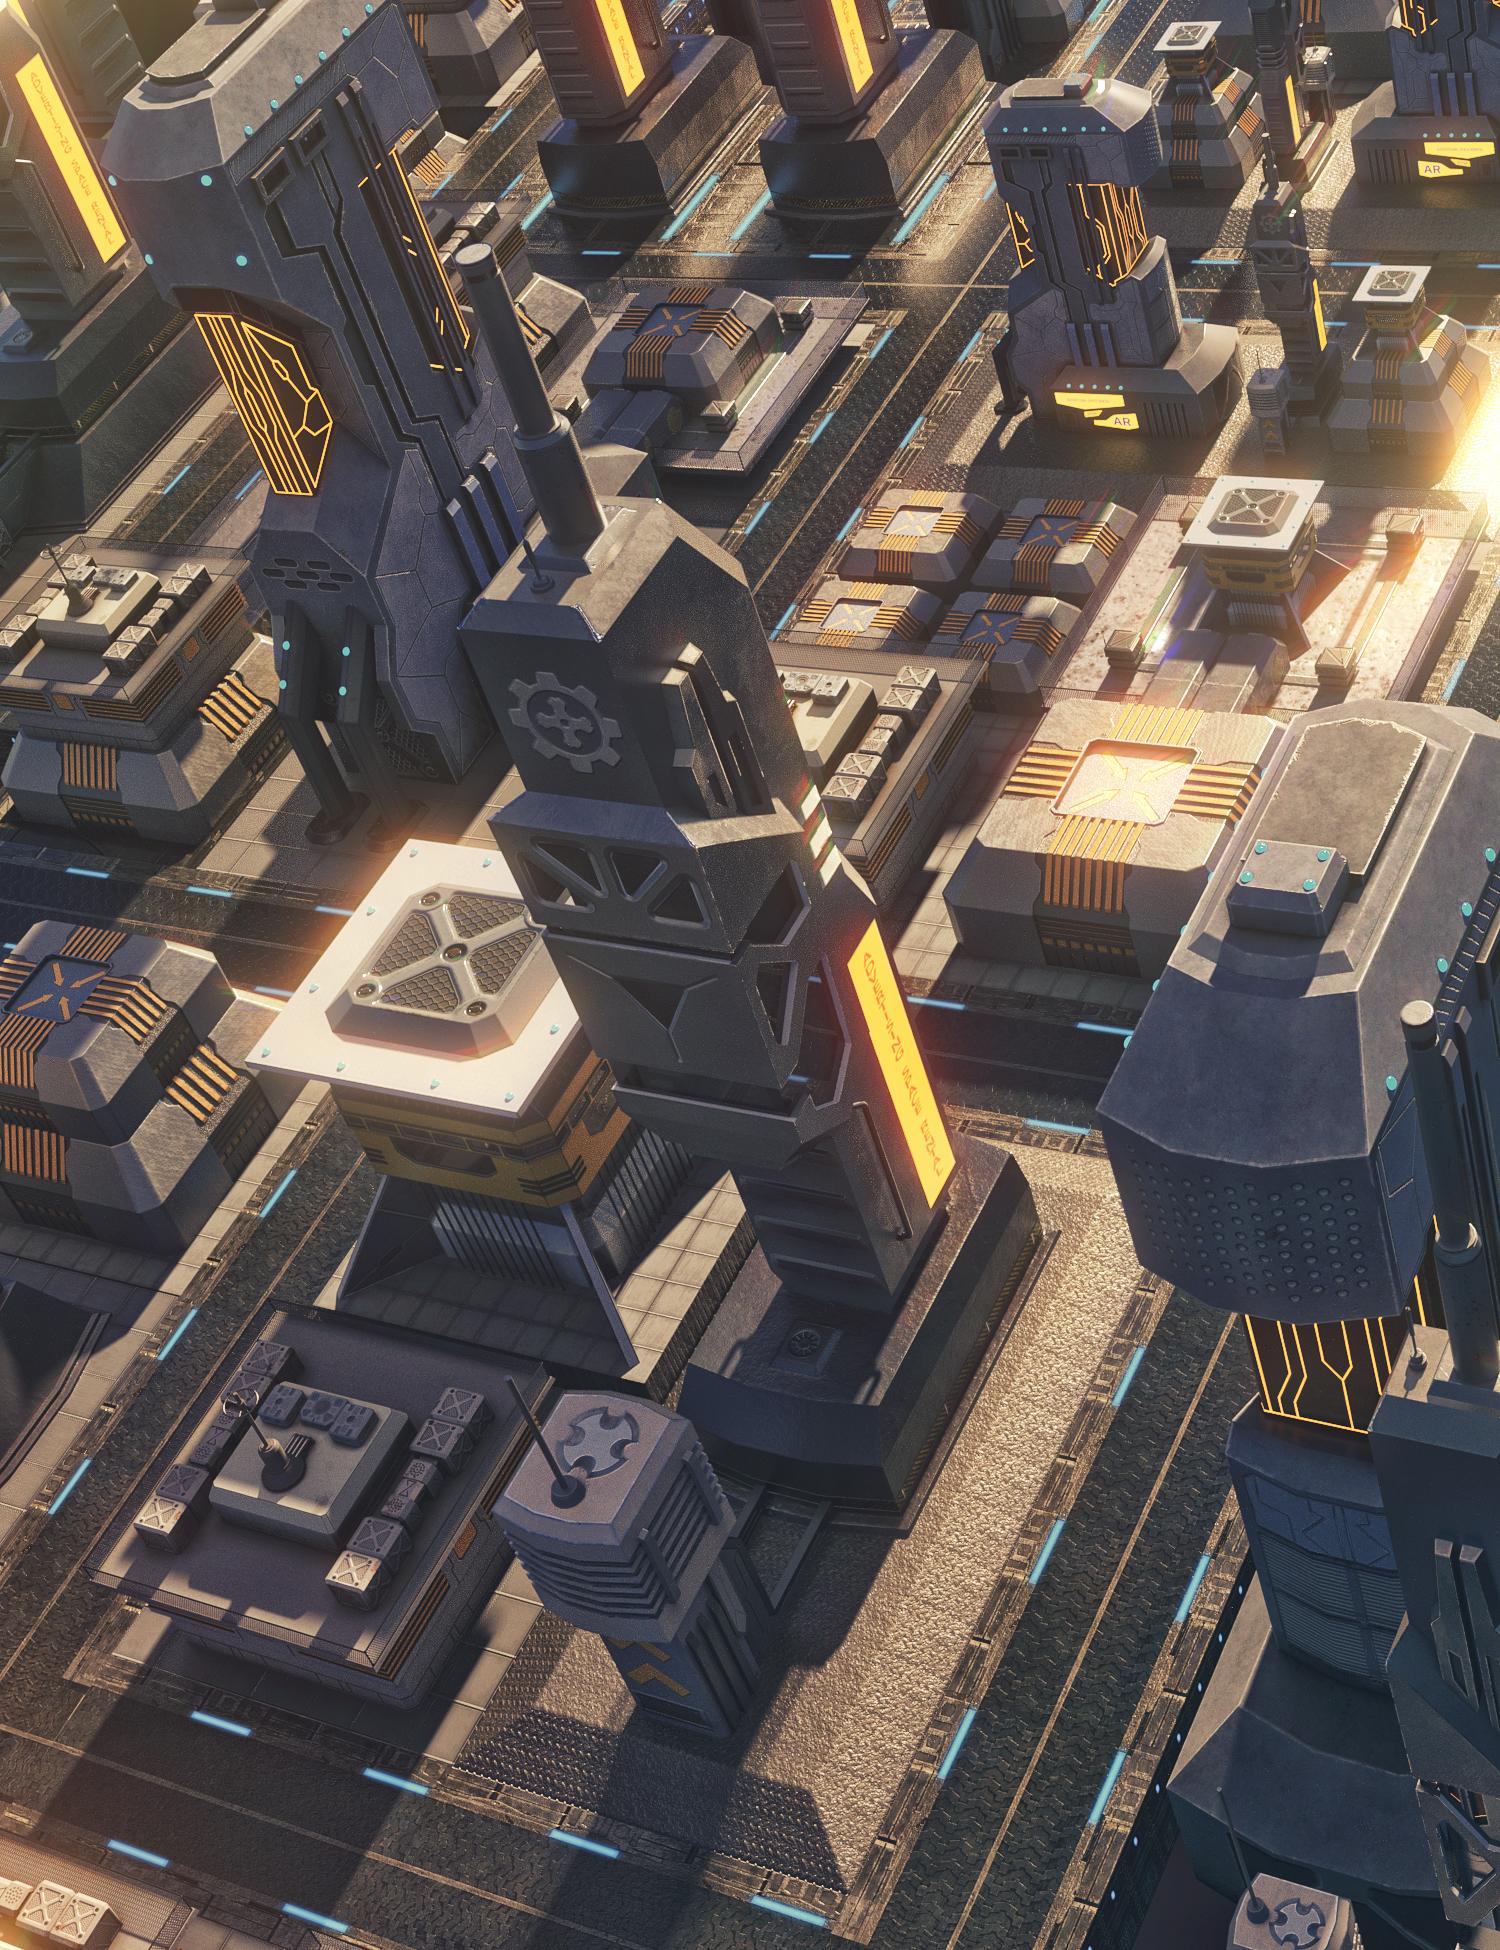 X-BIT Future Space Building by: X-BIT, 3D Models by Daz 3D